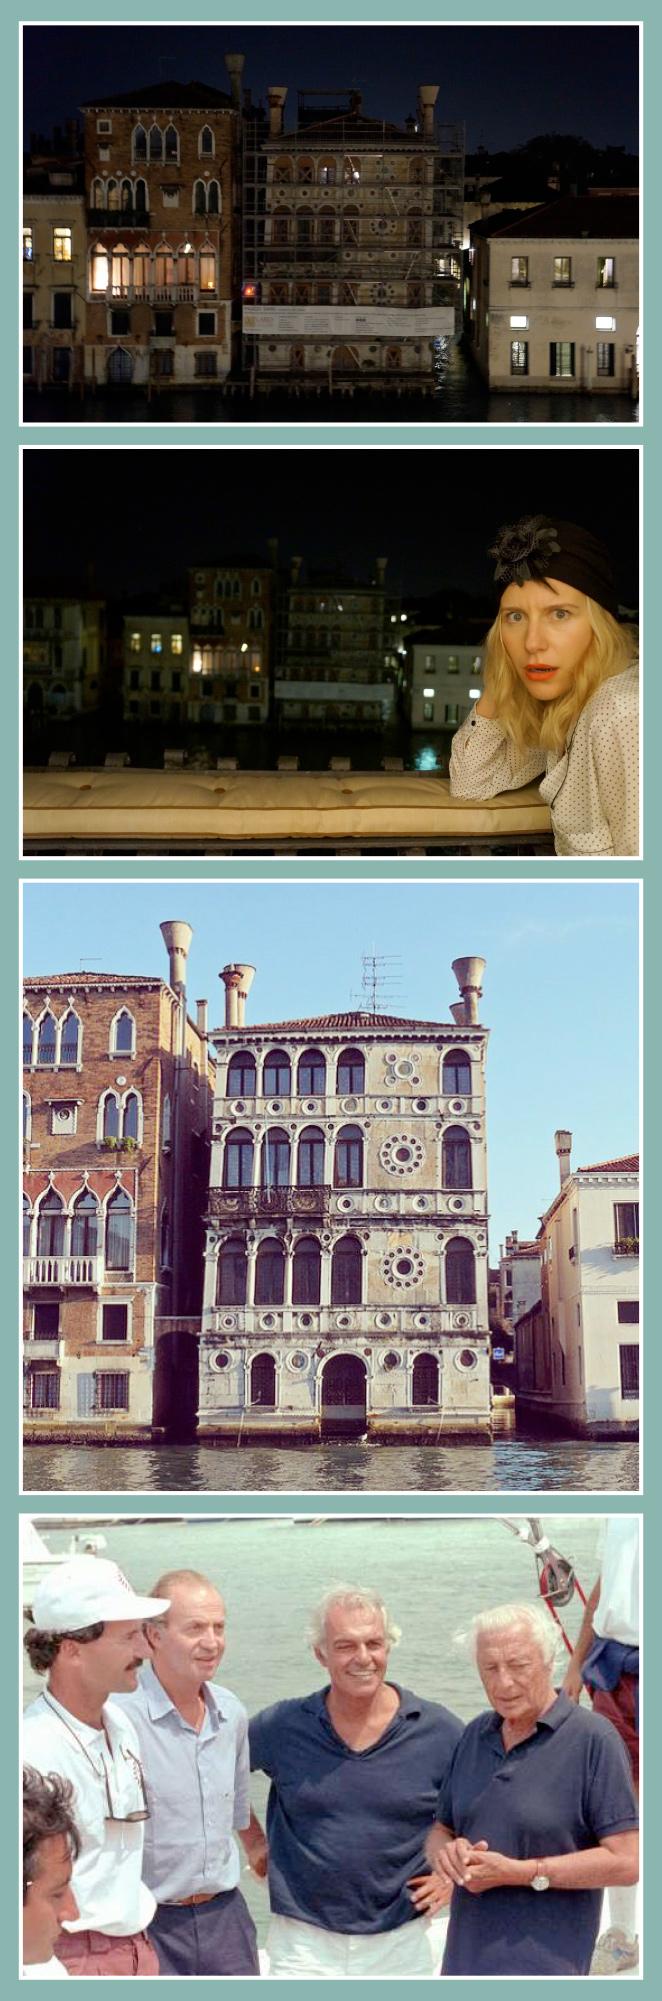 Palacio situado justo enfrente de la casa de los amigos de María León, Palazzo Dario, que detrás de él se esconden un sinfín de historias terribles